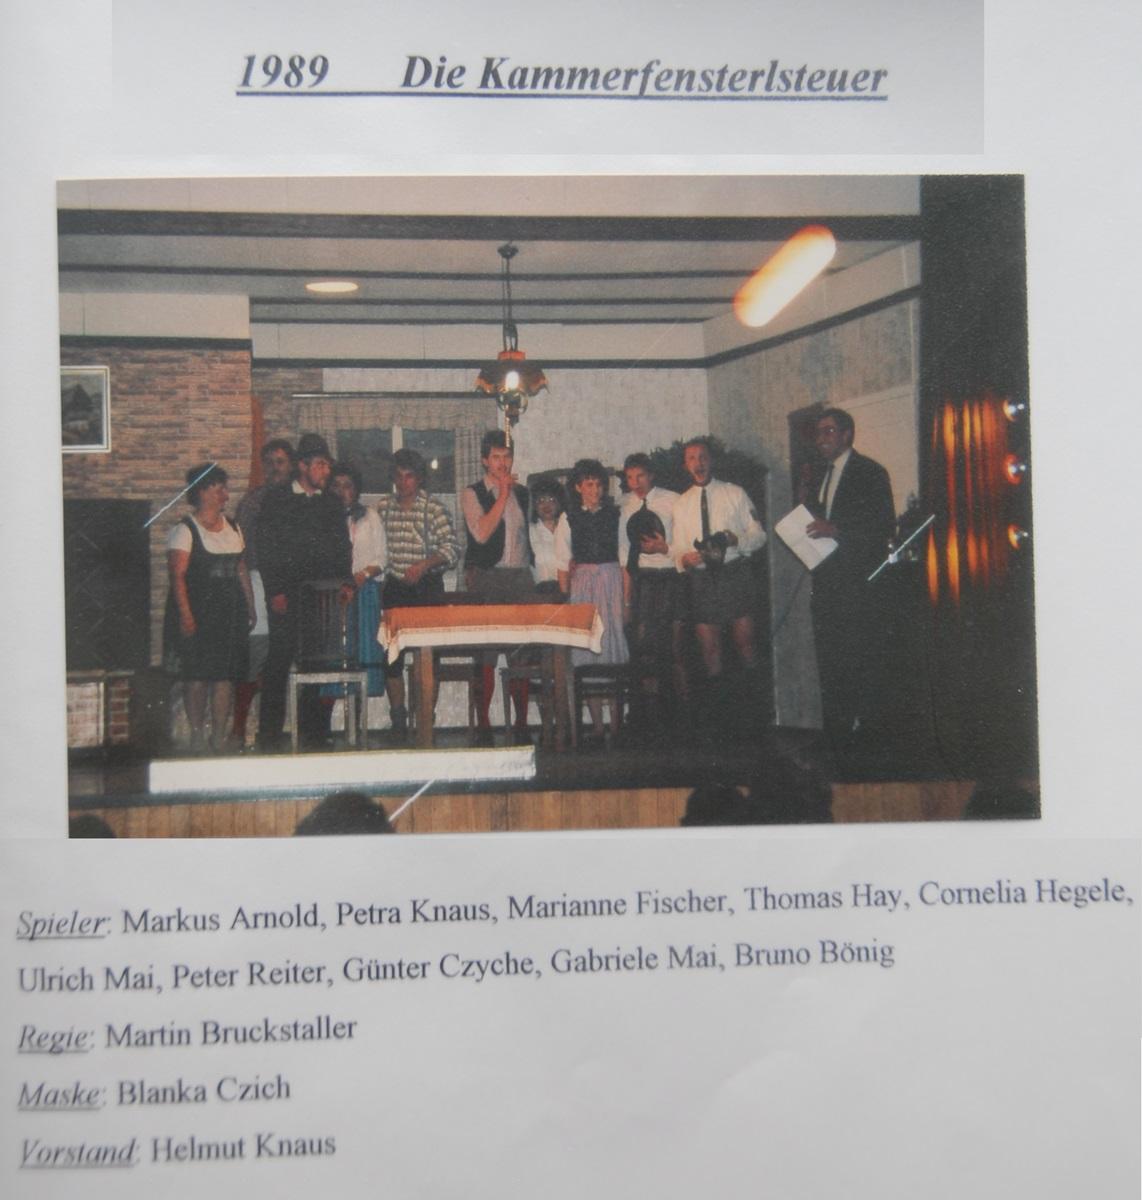 KSC-Theater-1989-Die-Kammerfensterlsteuer